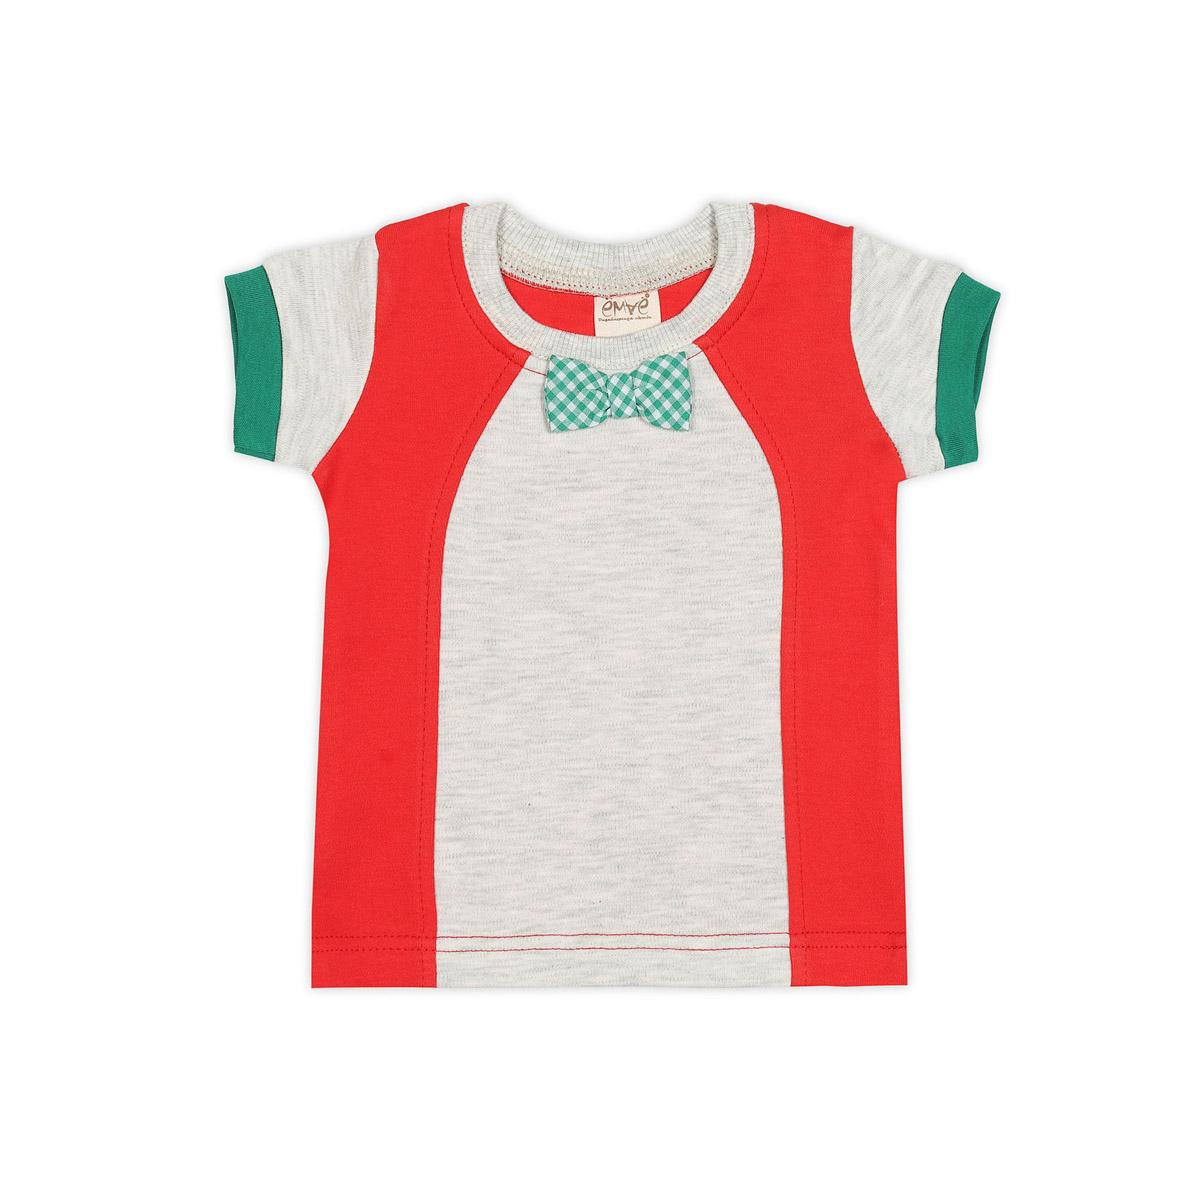 Футболка Ёмаё Хохлома (27-636) рост 68 светло серый меланж с красный<br>